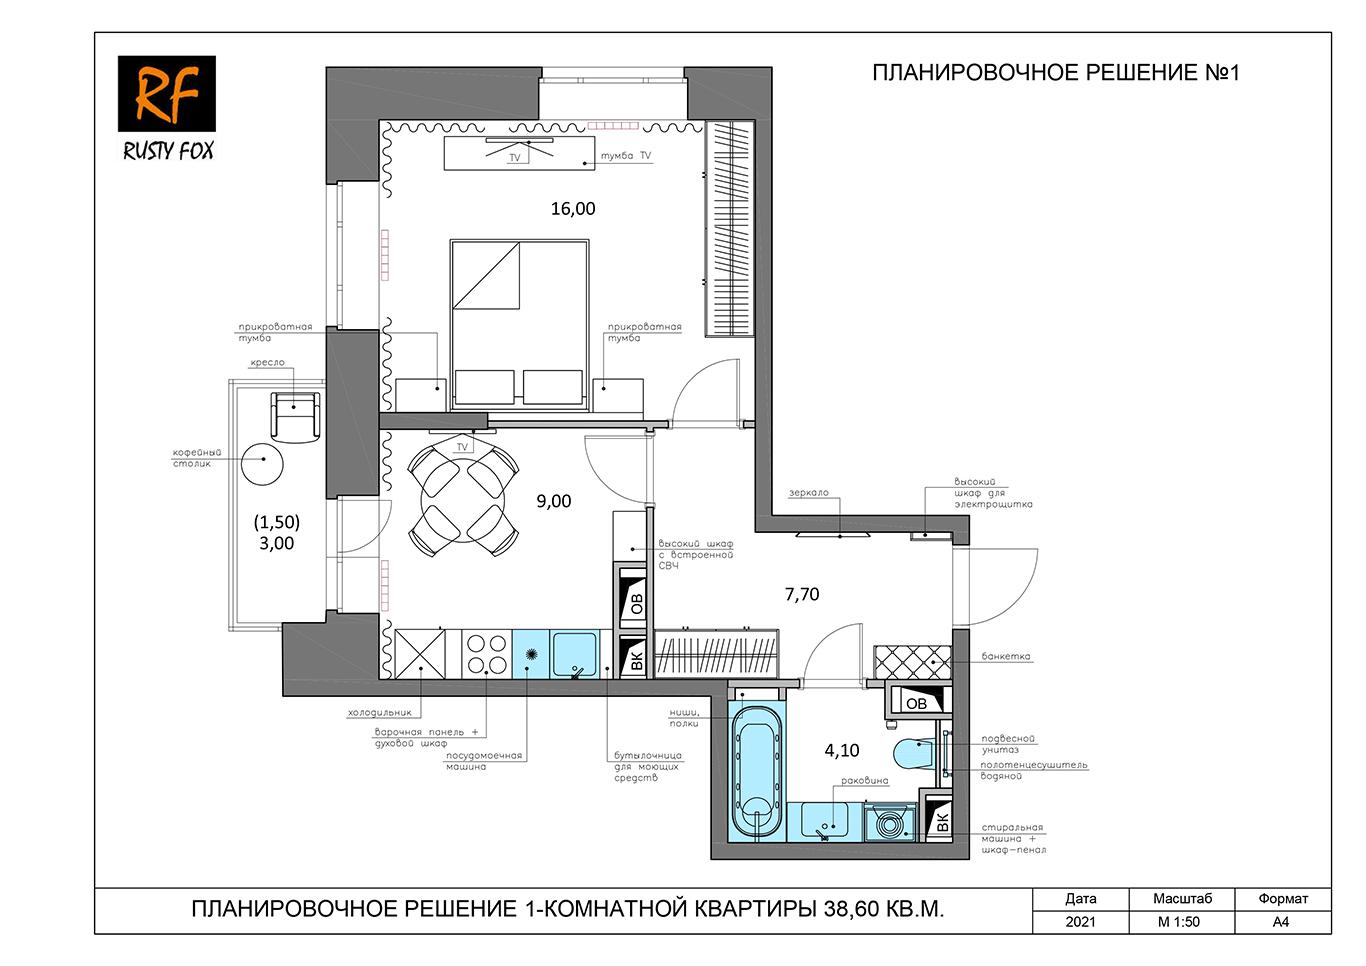 ЖК Люберцы корпус 54. Планировочное решение №1 1-комнотная квартира 38,60 кв.м.